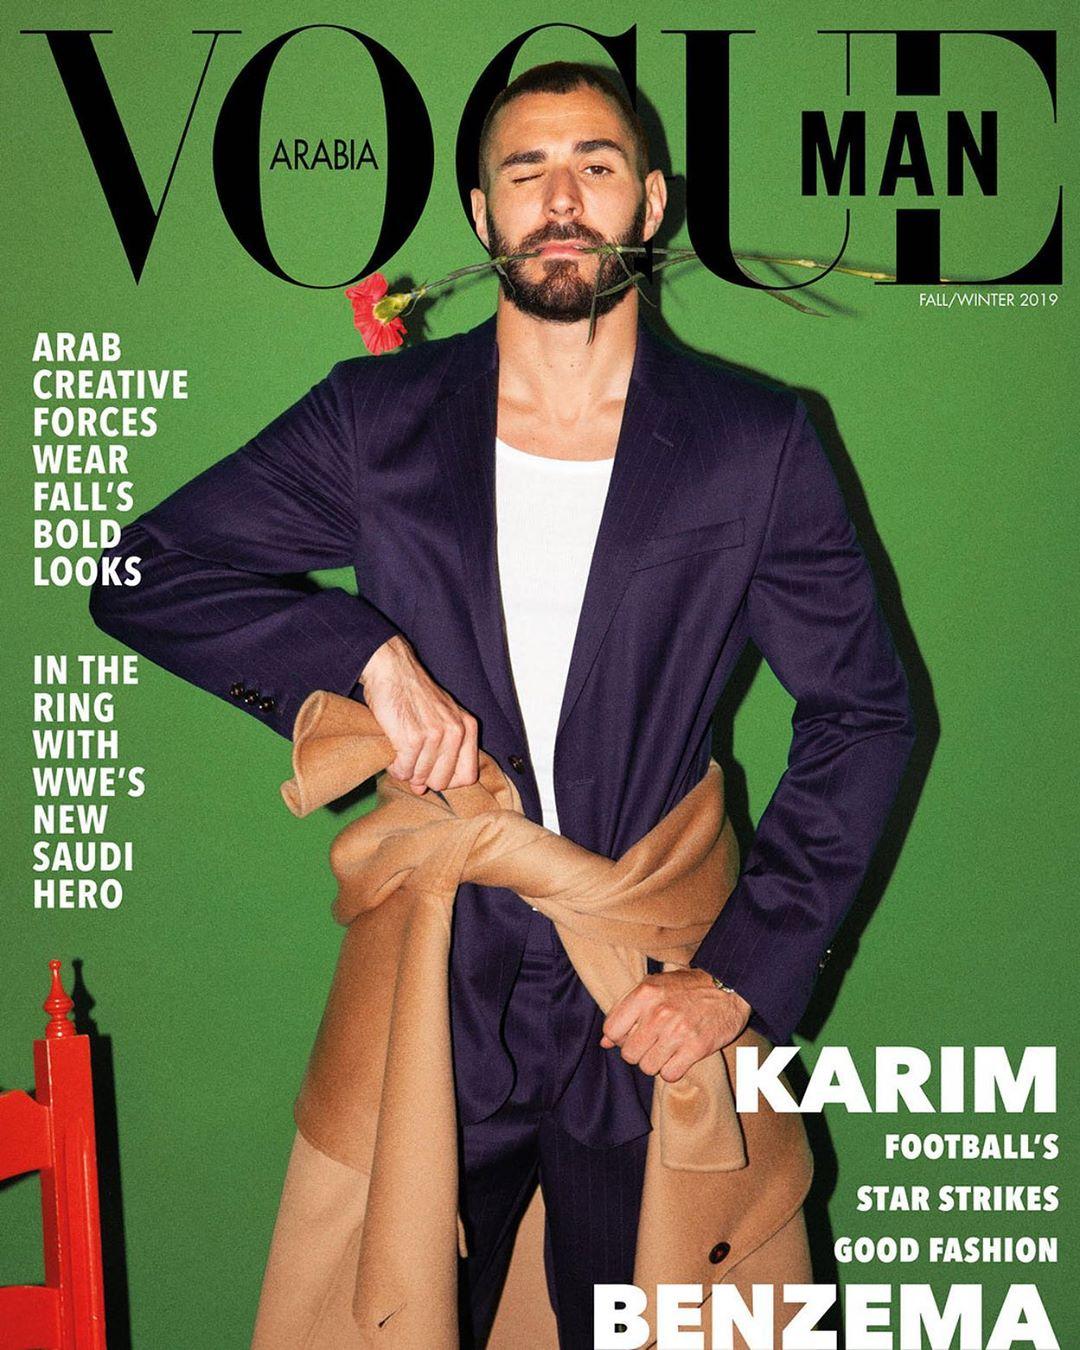 Karim Benzema para Vogue Man Arabia en foto de Gorka Postigo